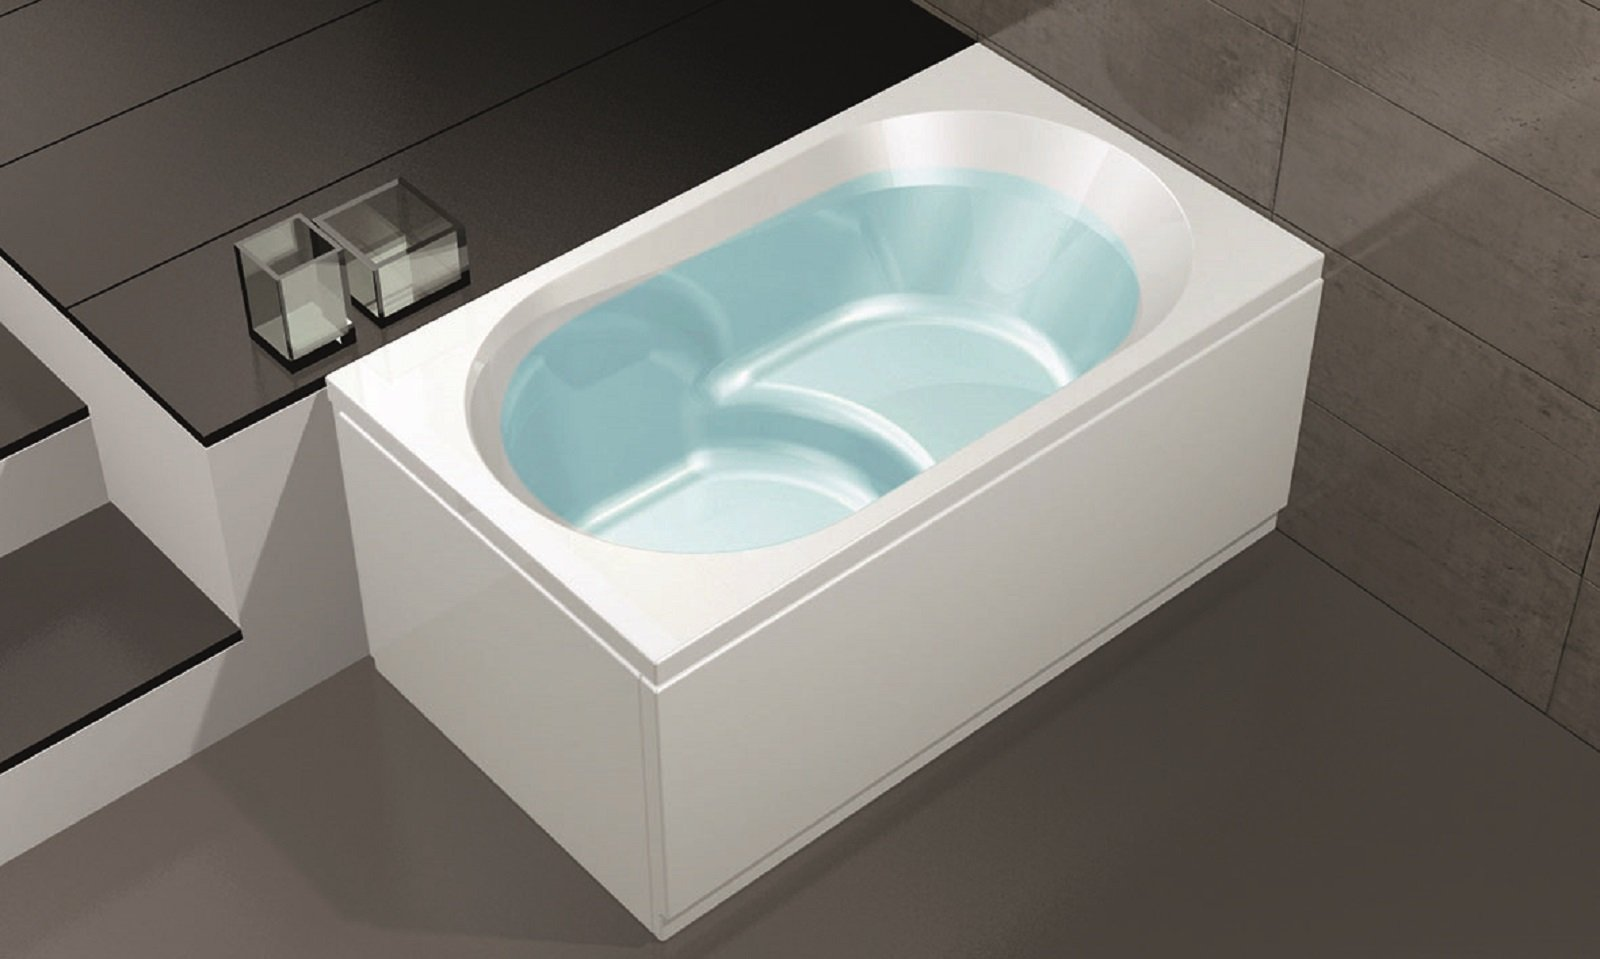 Vasca Da Bagno Per Anziani Misure : Vasche piccole dalle dimensioni compatte e svariate misure e forme